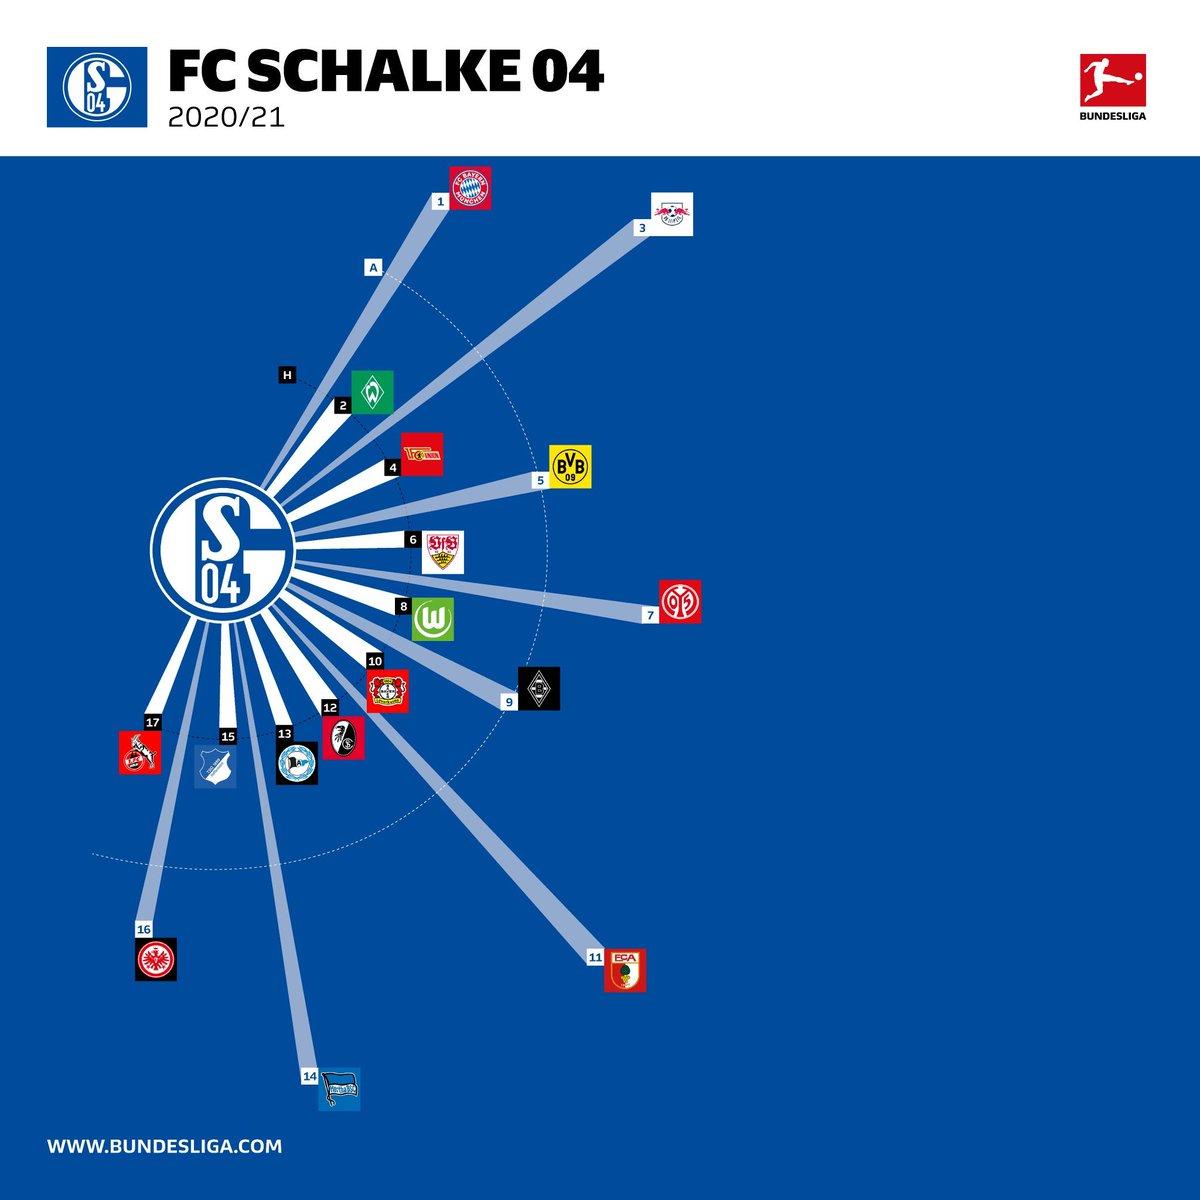 #Bundesliga